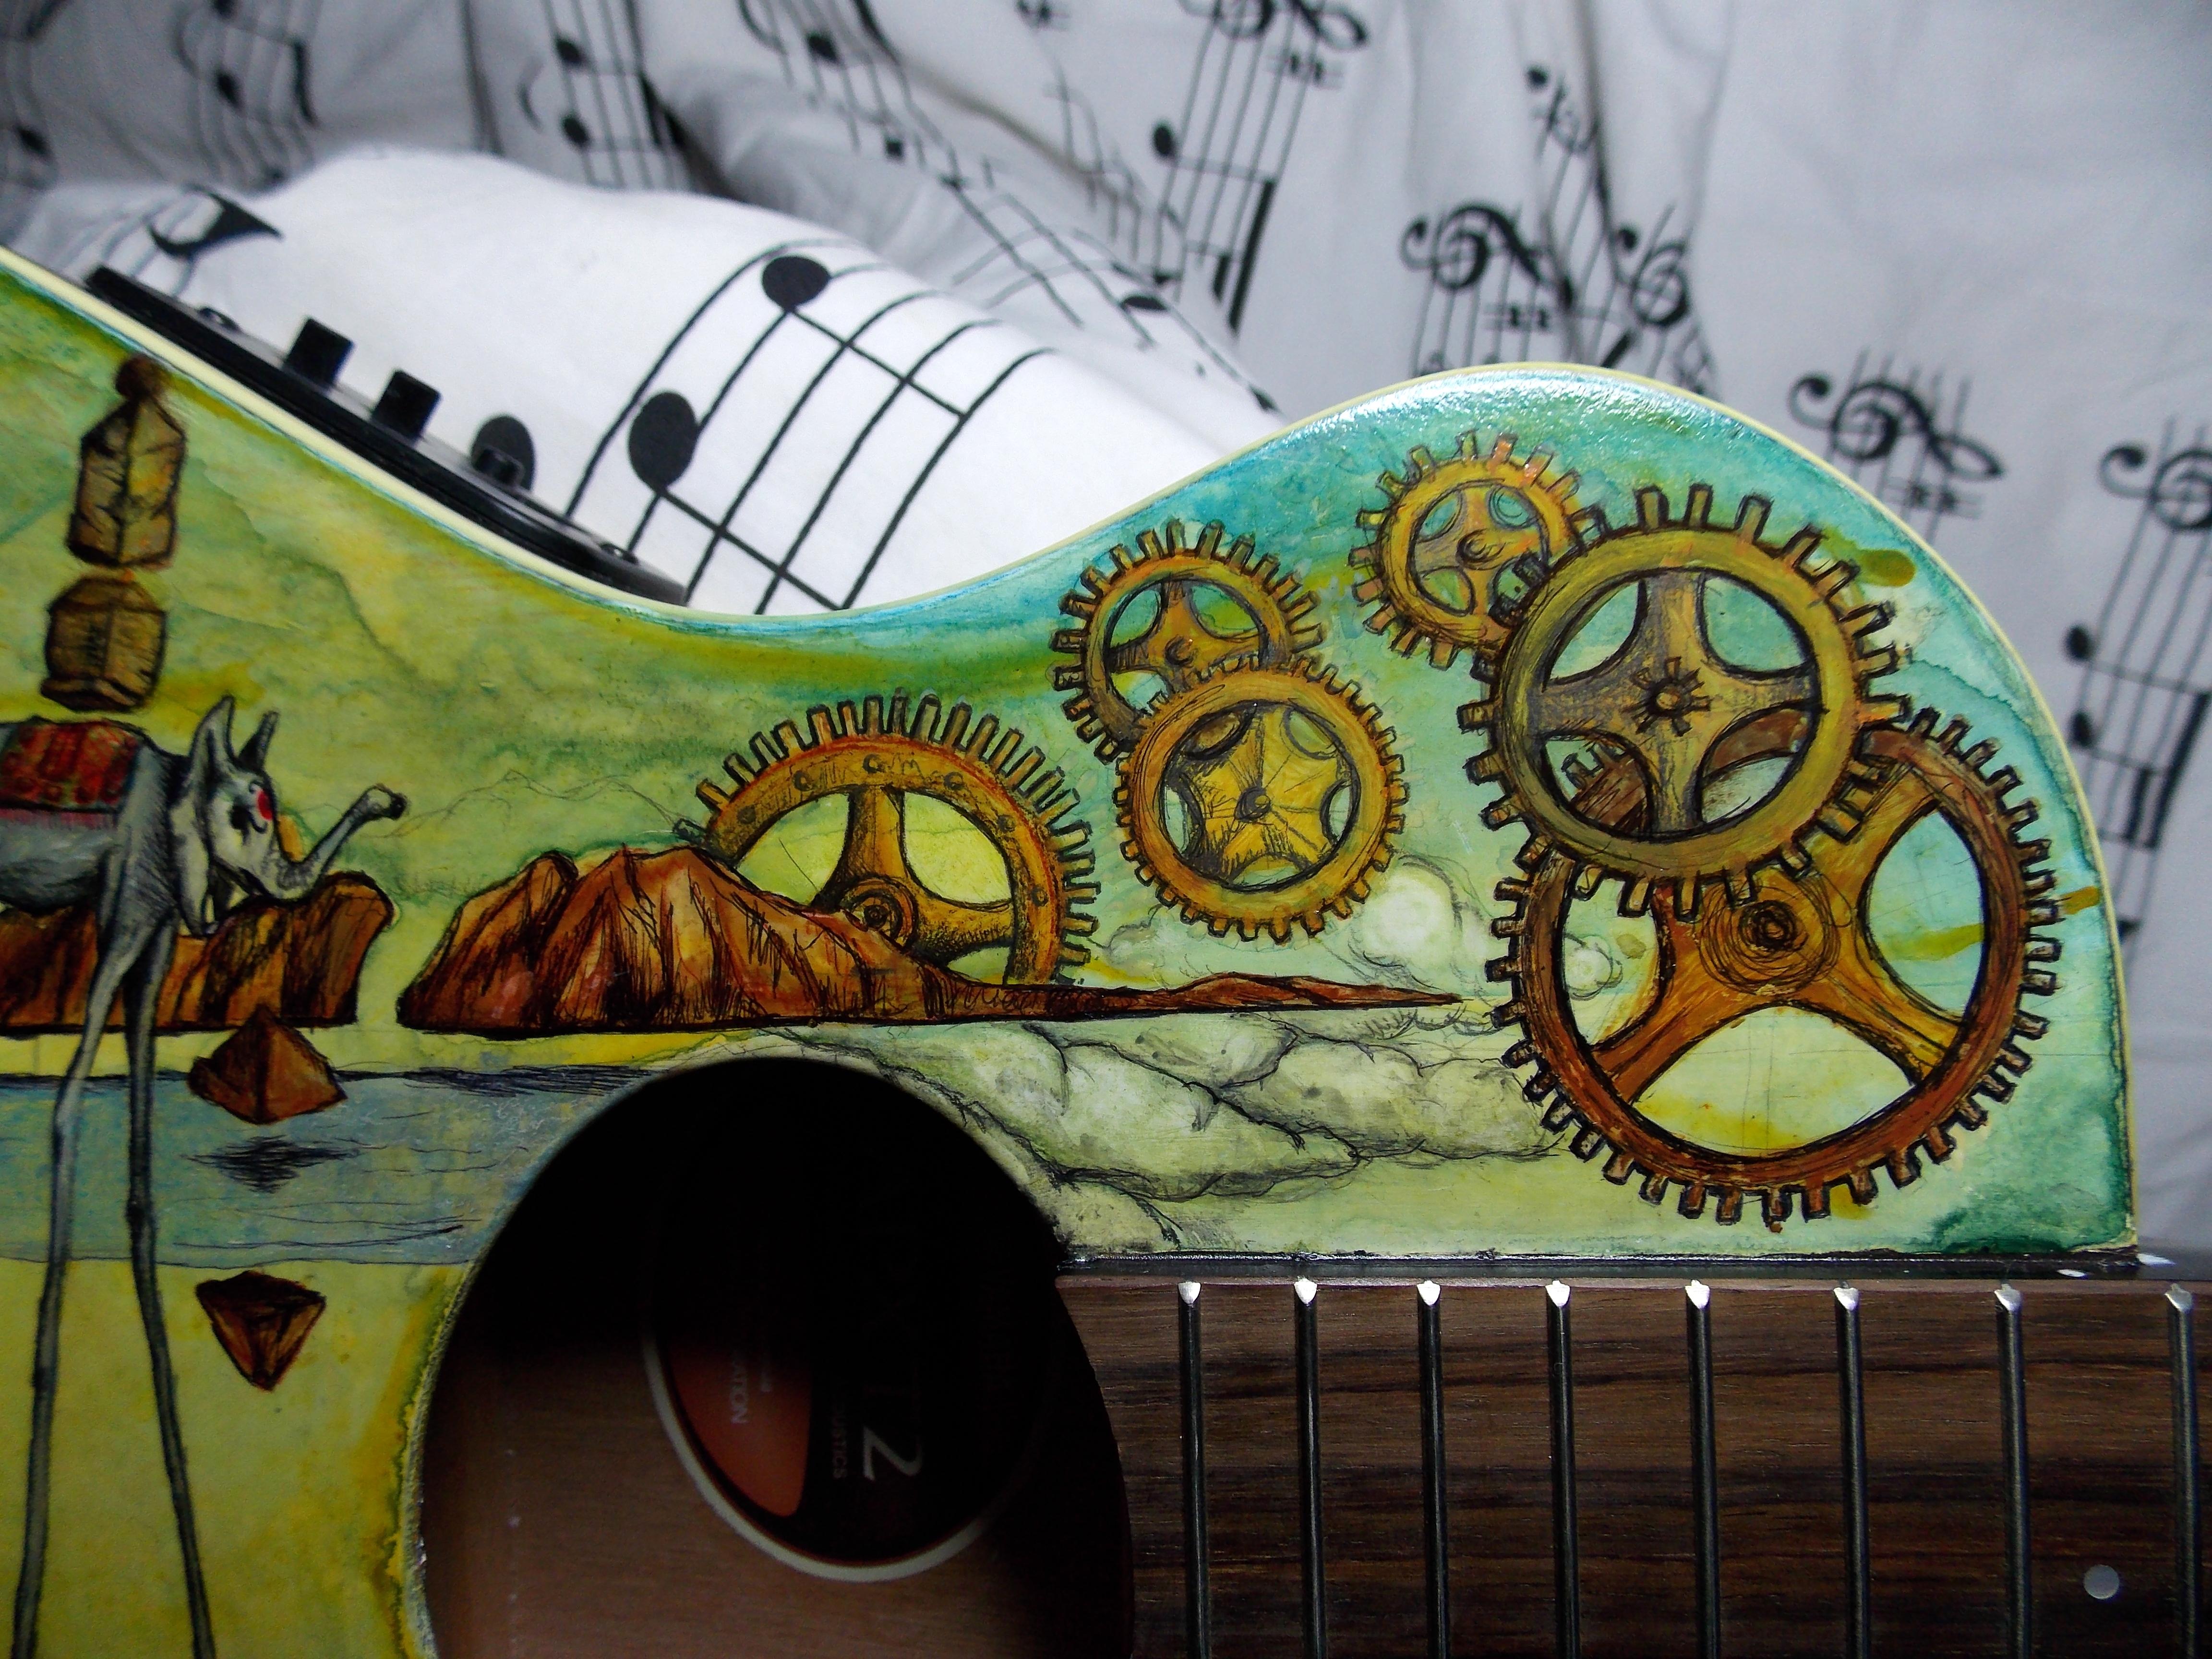 Dali guitar detail